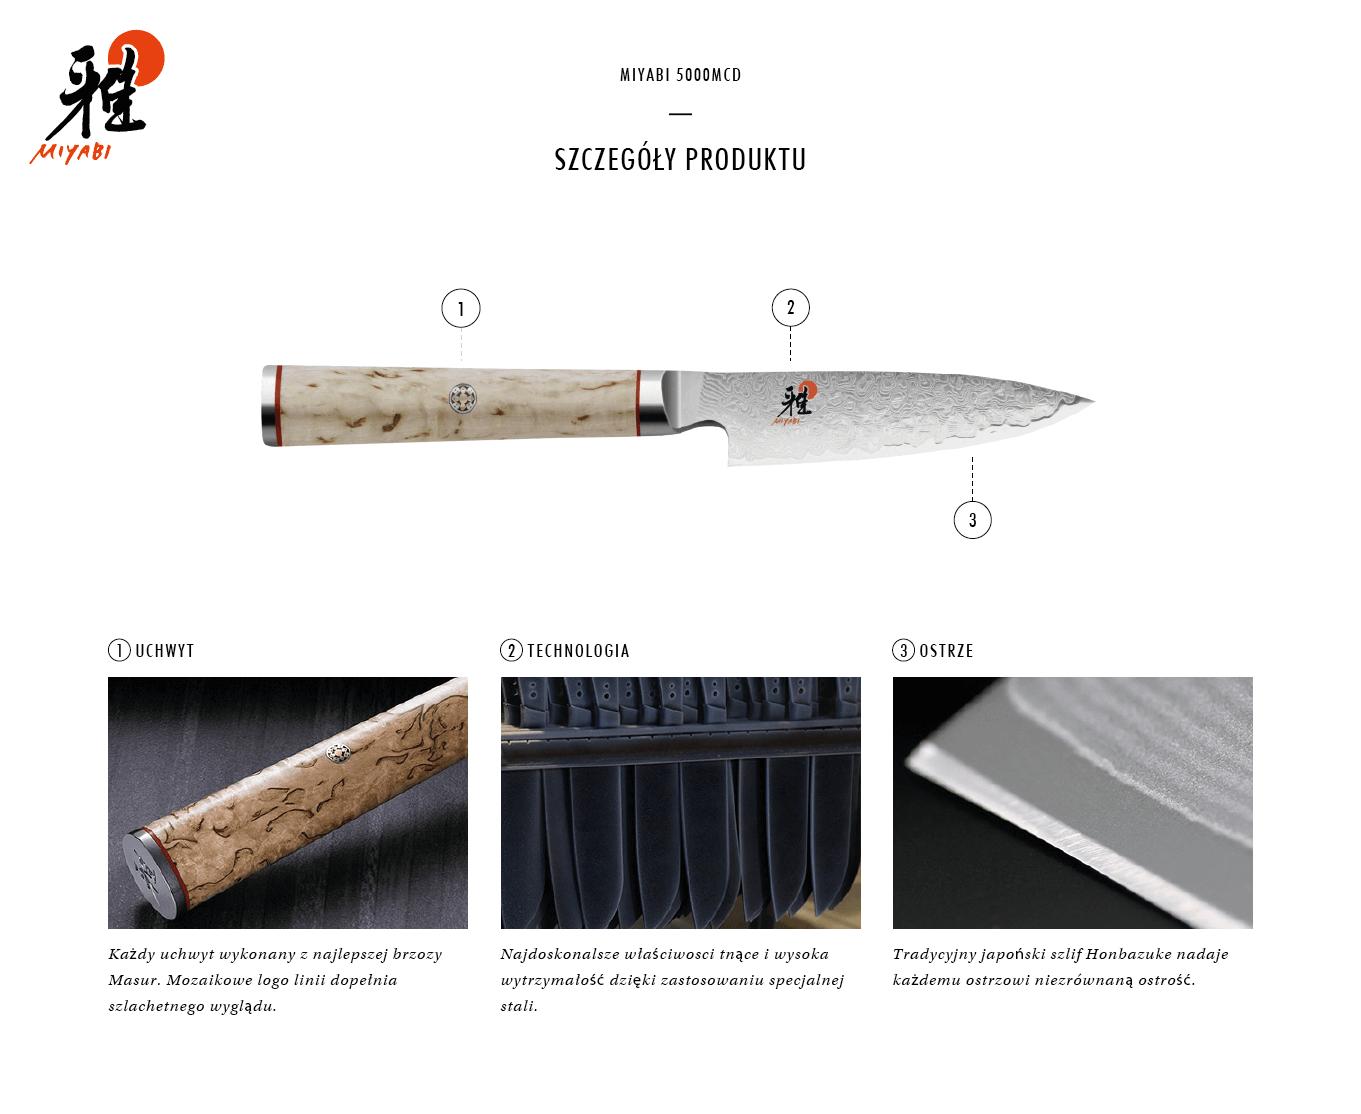 Dlaczego warto kupić nóż Shotoh Miyabi 5000MCD?